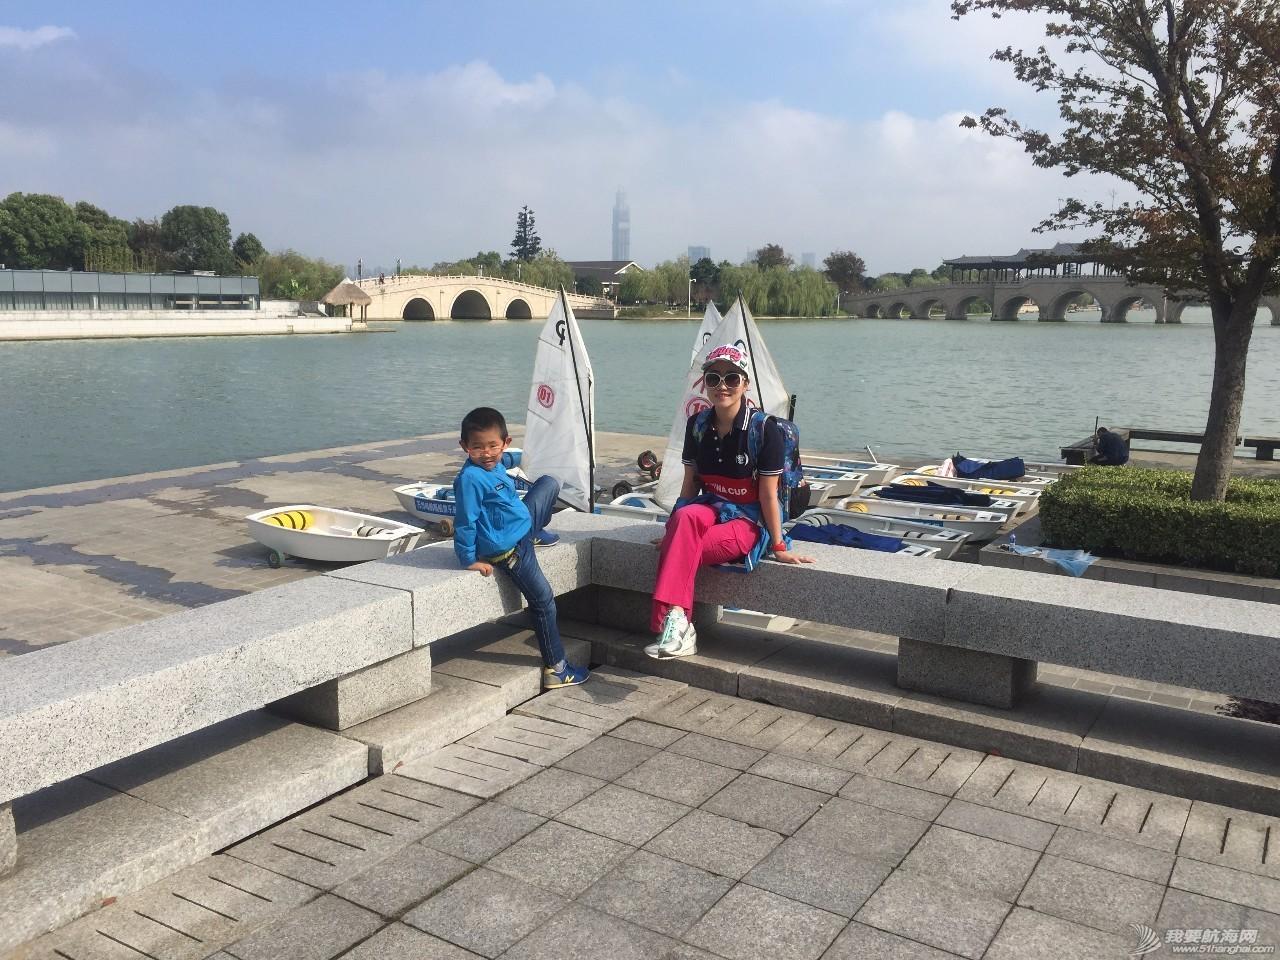 4岁招风小童子首次参赛大帆船记 e0f313f18cf8859b1a6ff16127e32499.jpg